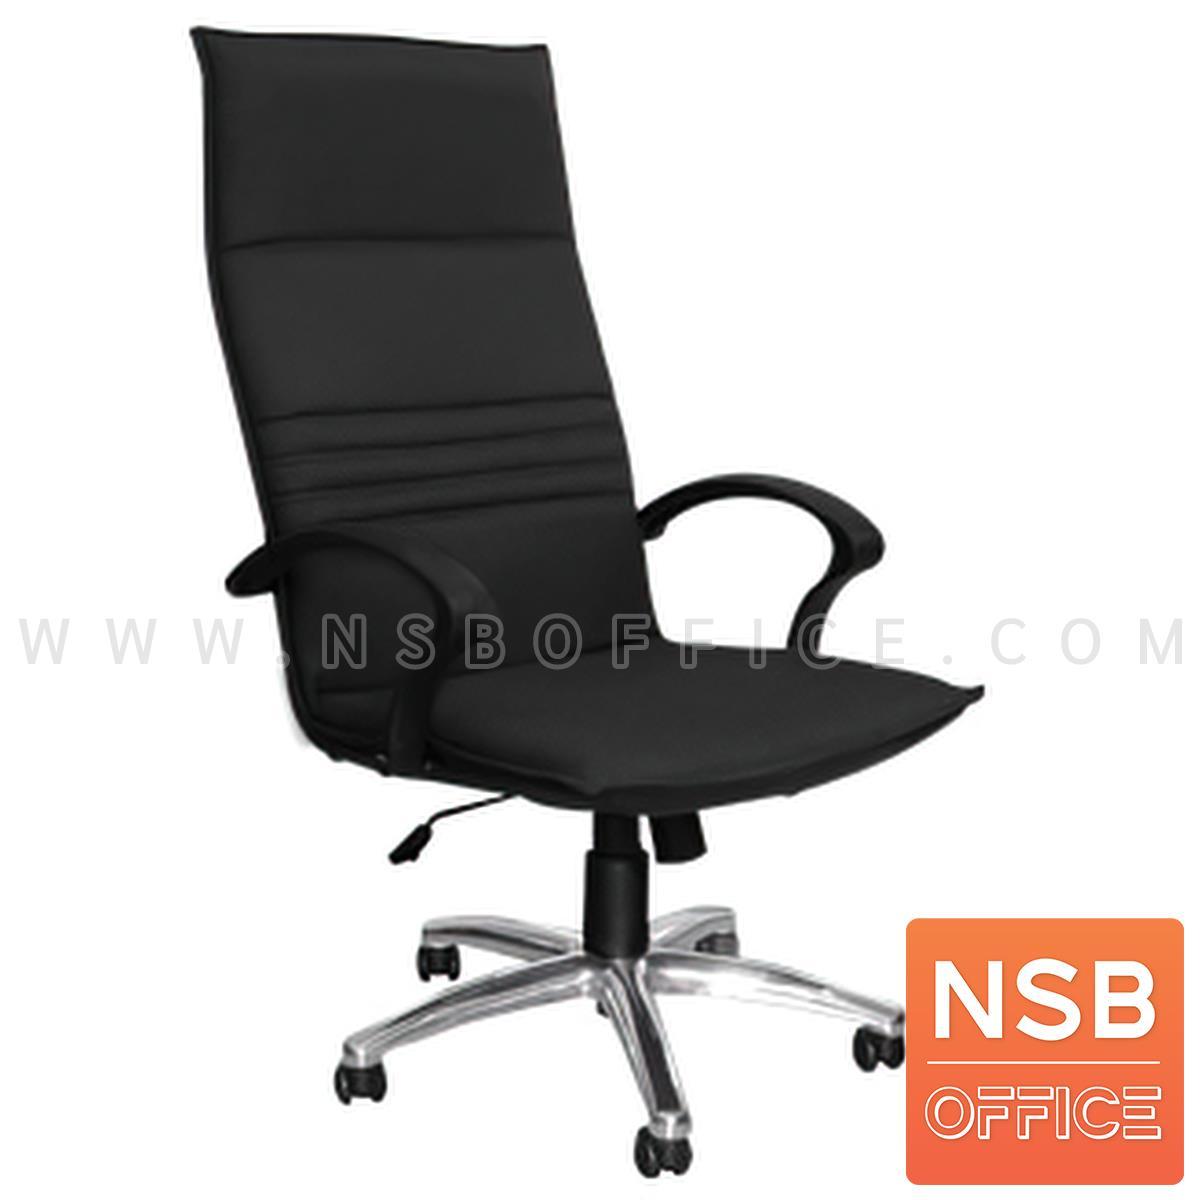 B01A530:เก้าอี้ผู้บริหาร รุ่น Tirrel (เทอเรลล์)  โช๊คแก๊ส ก้อนโยก ขาเหล็กชุบโครเมี่ยม